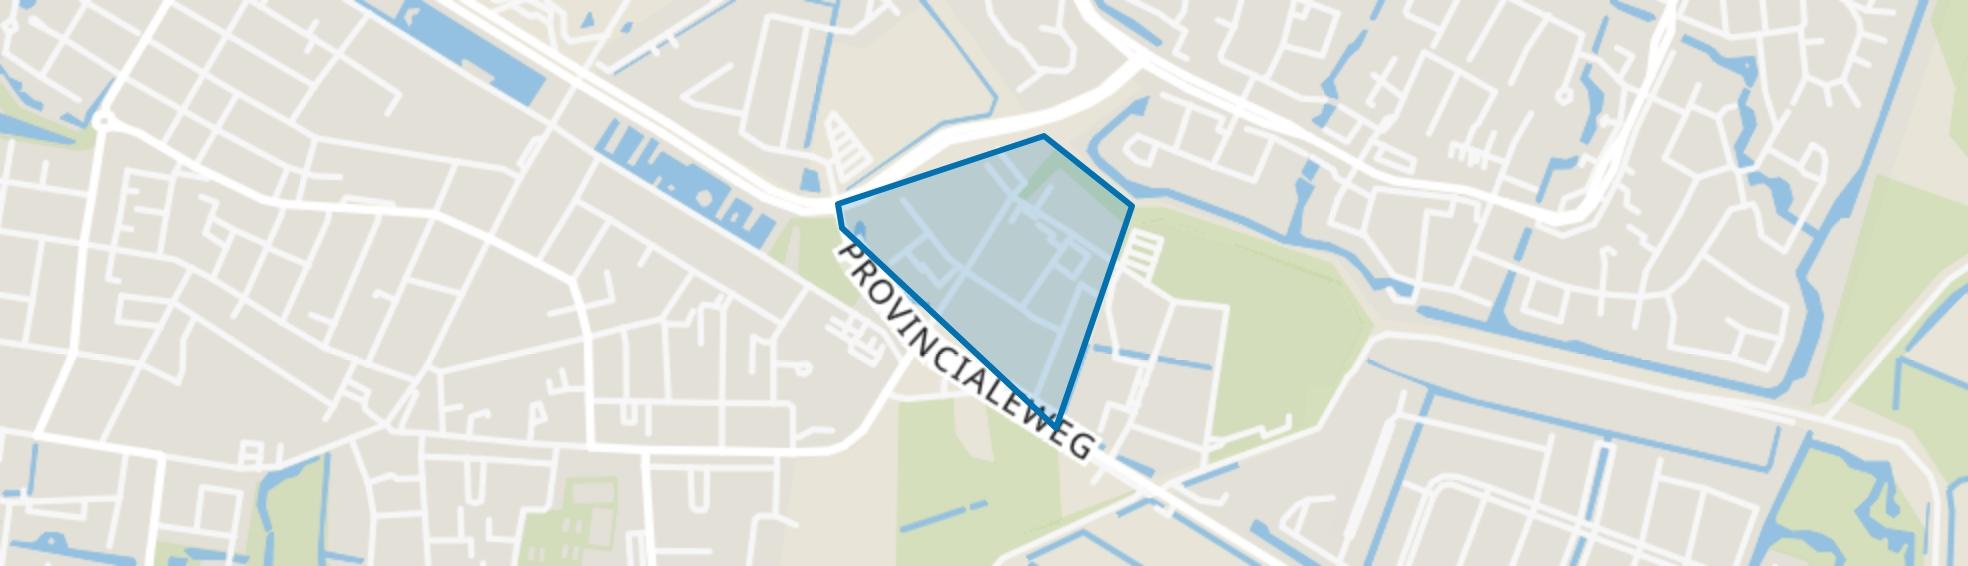 Egstraat en omgeving, Dordrecht map